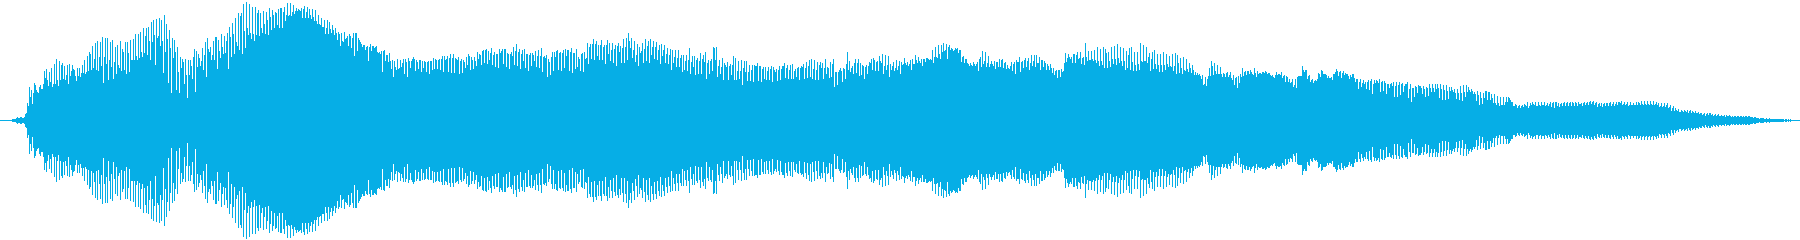 猫の鳴き声(甘えるような声 テイク1)の再生済みの波形